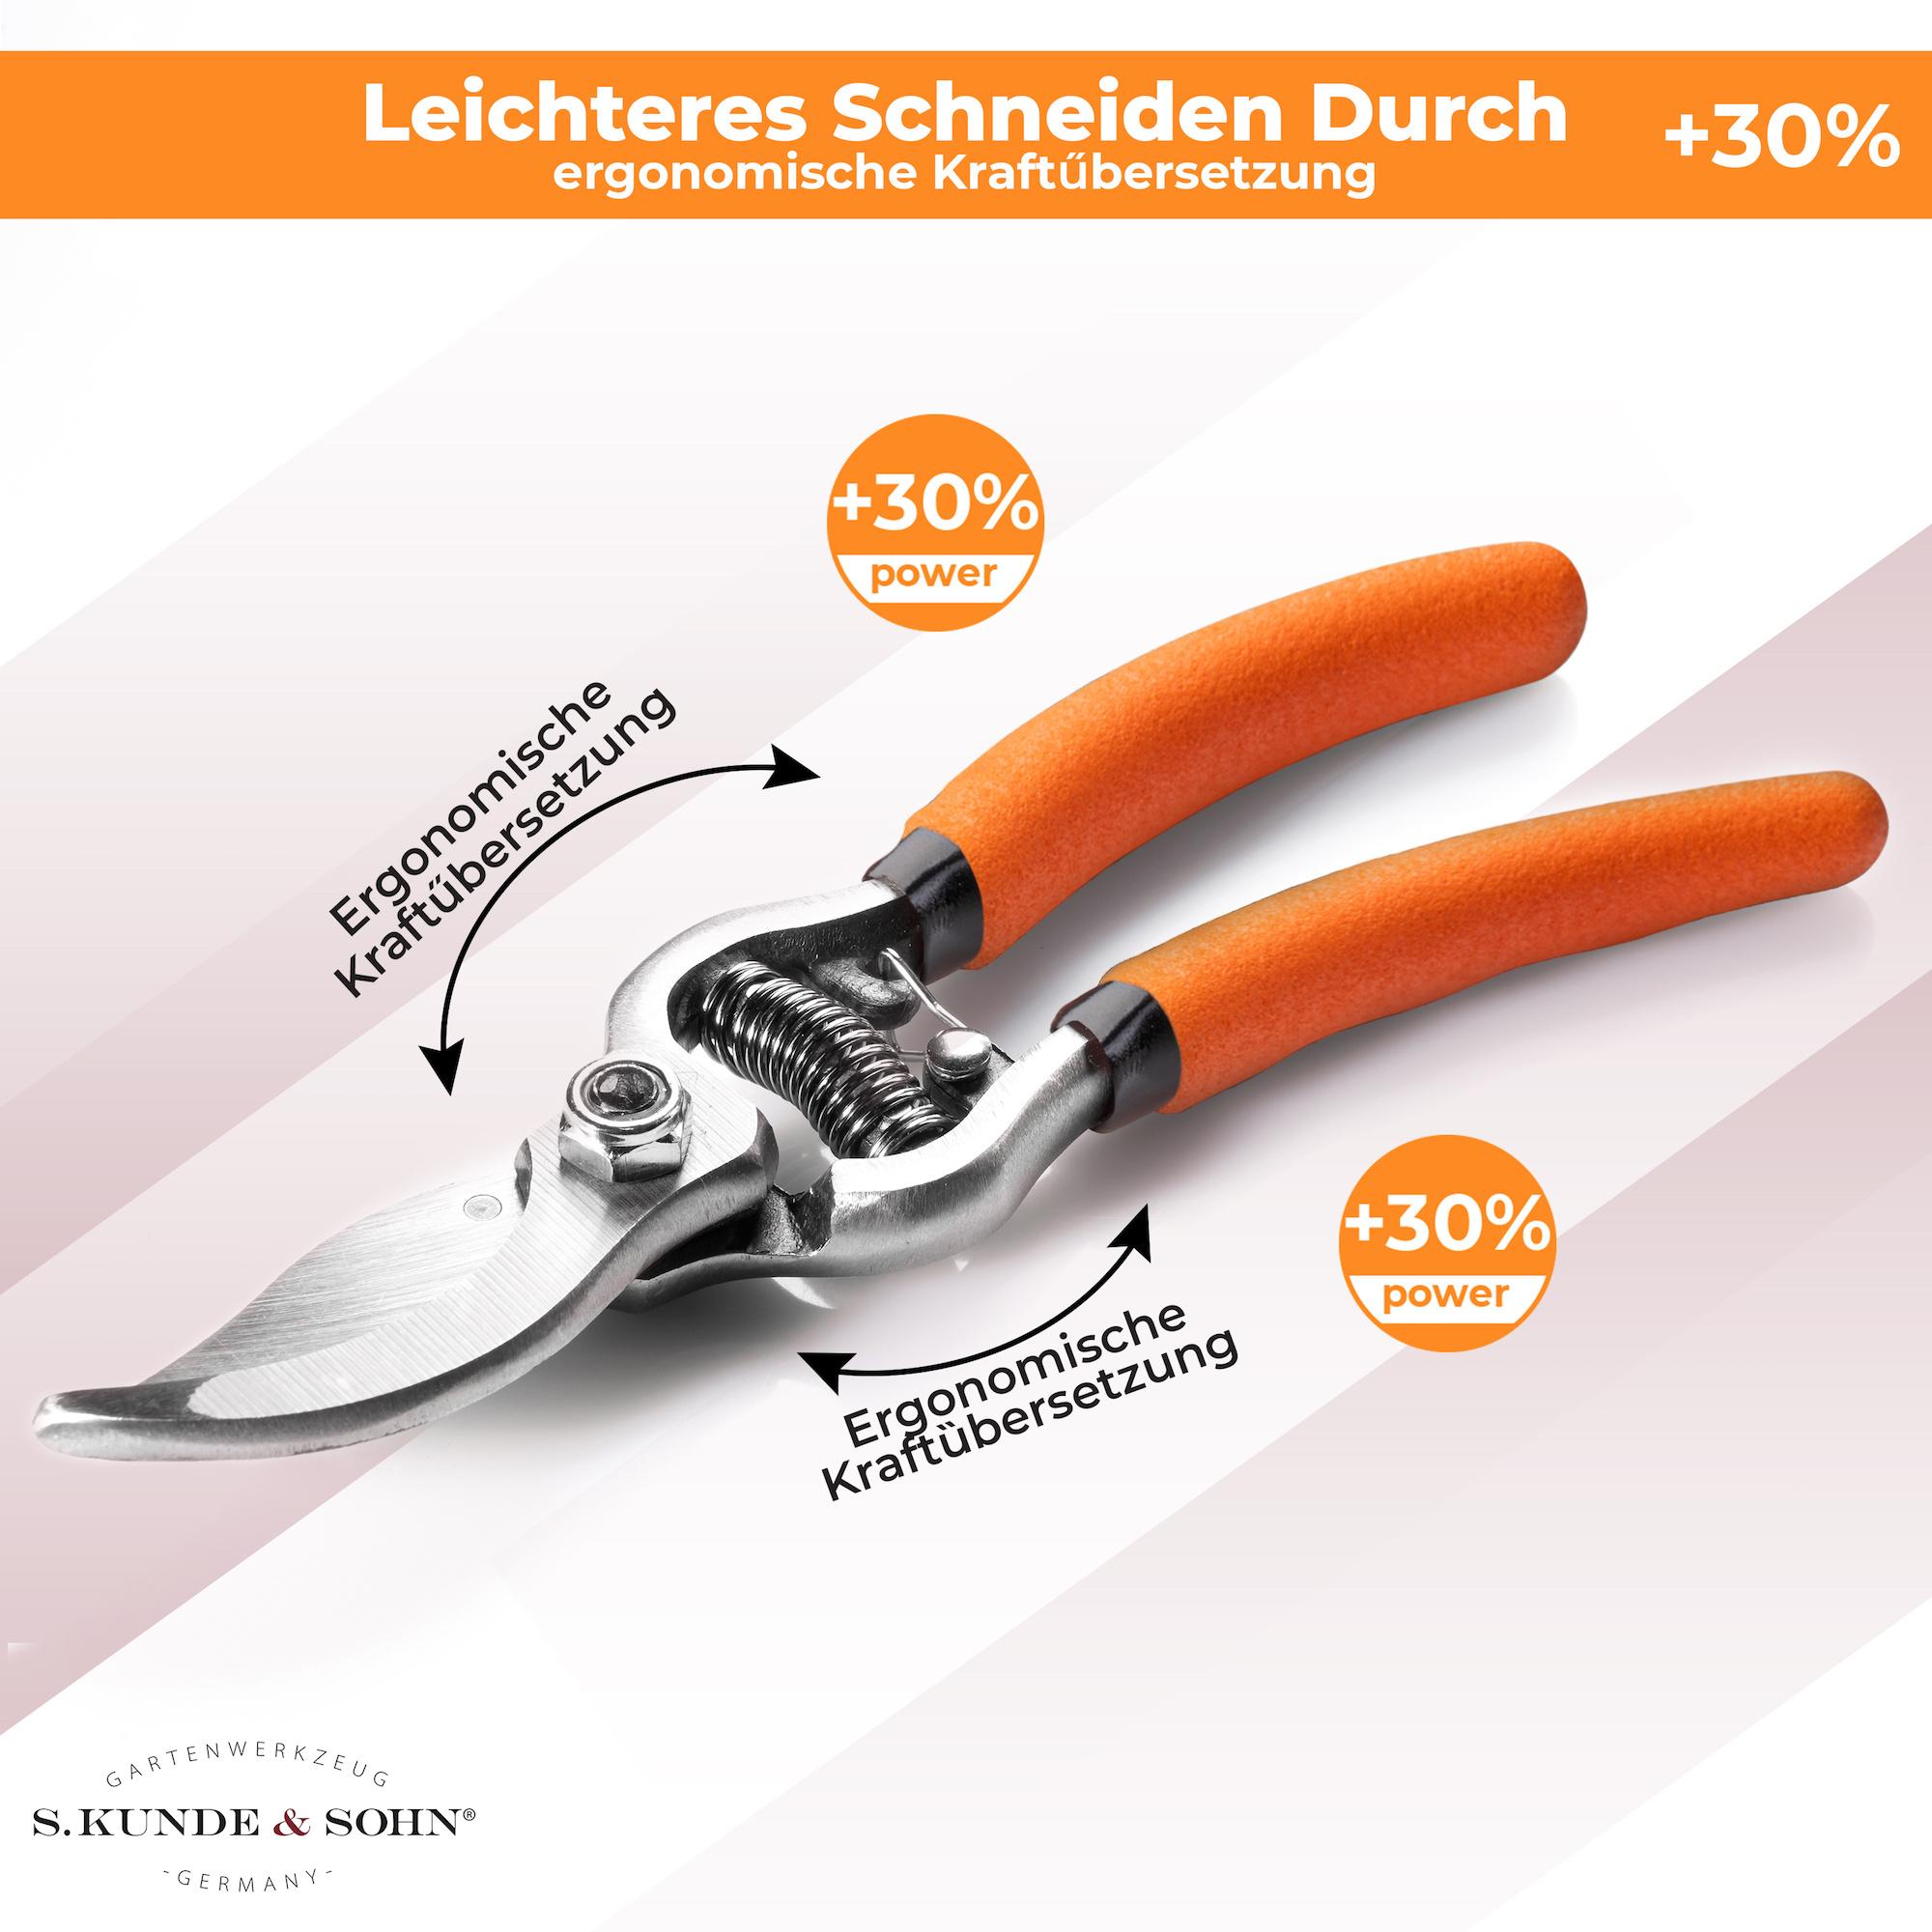 S. Kunde & Sohn Germany SKS 6 Tradition Orange/Klinge silber 2er Set - Schere + 1 Ersatzklinge  - Copy